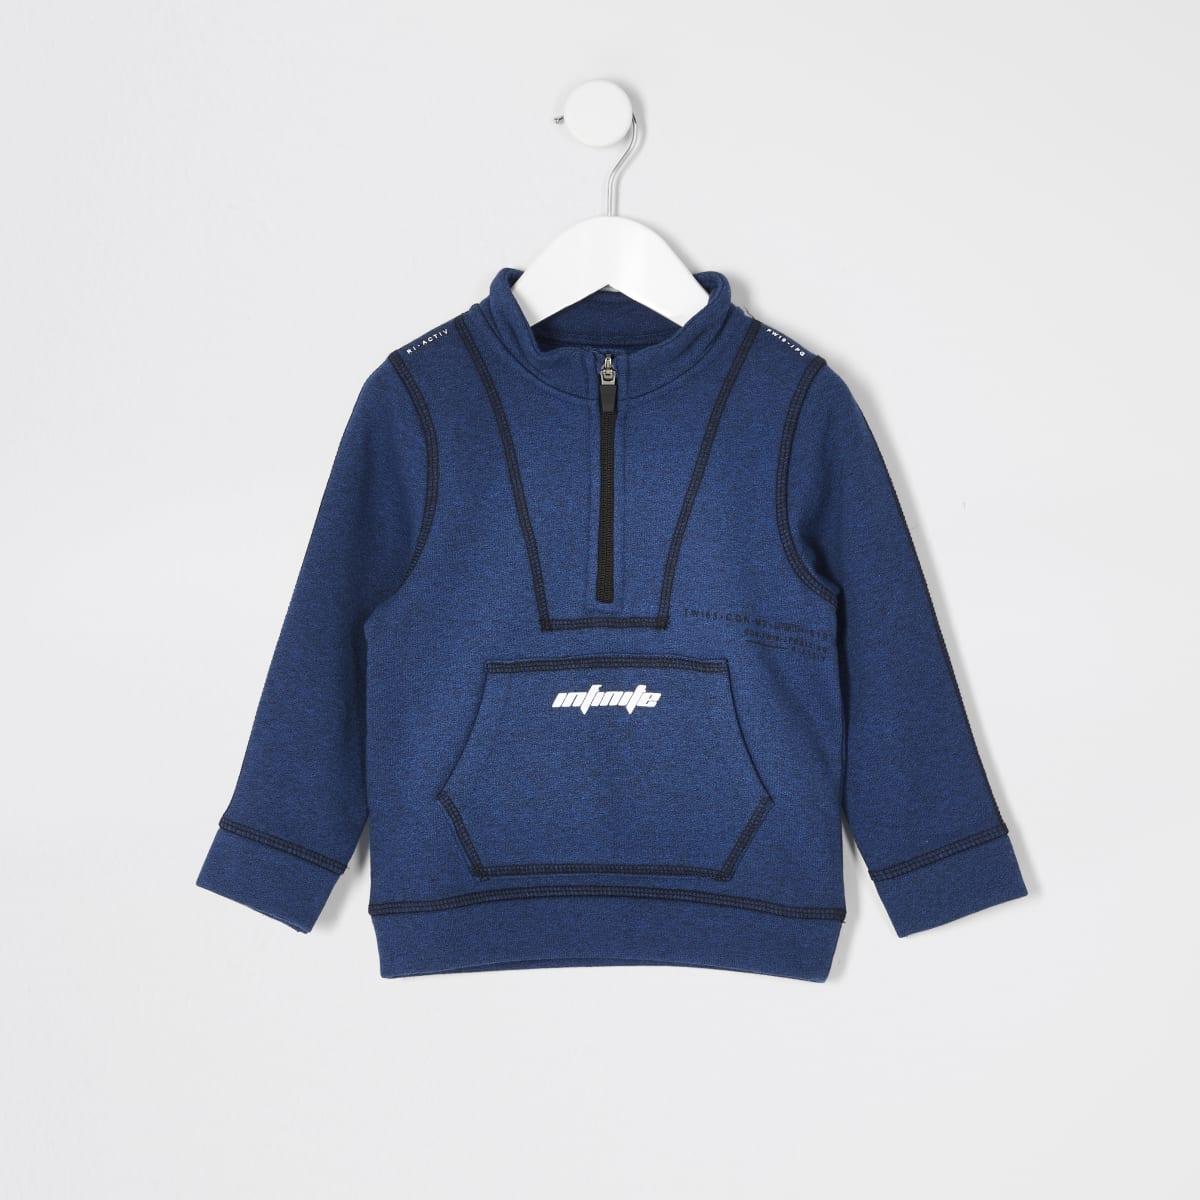 Mini - RI Active - Blauwe sweater met trechterhals voor jongens